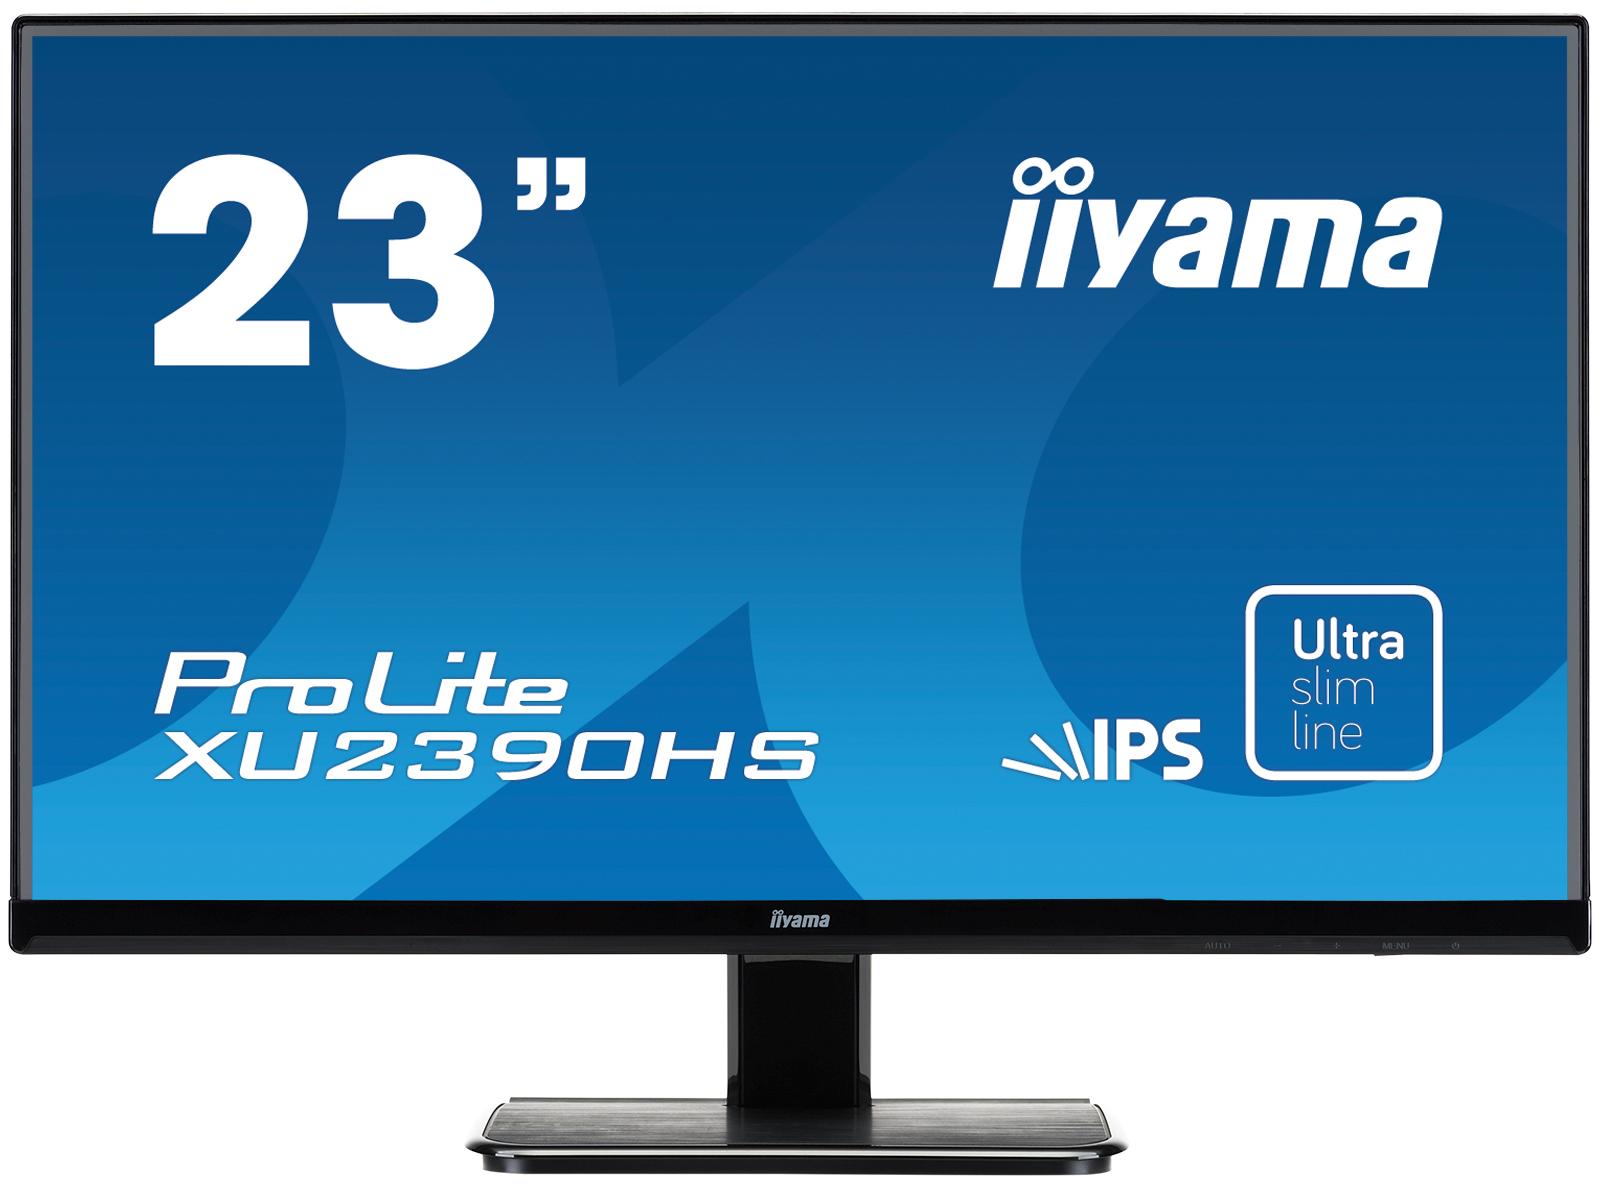 """23""""LCD iiyama XU2390HS - IPS, 5ms, 250cd/m2, FullHD, VGA, HDMI, DVI, repro"""